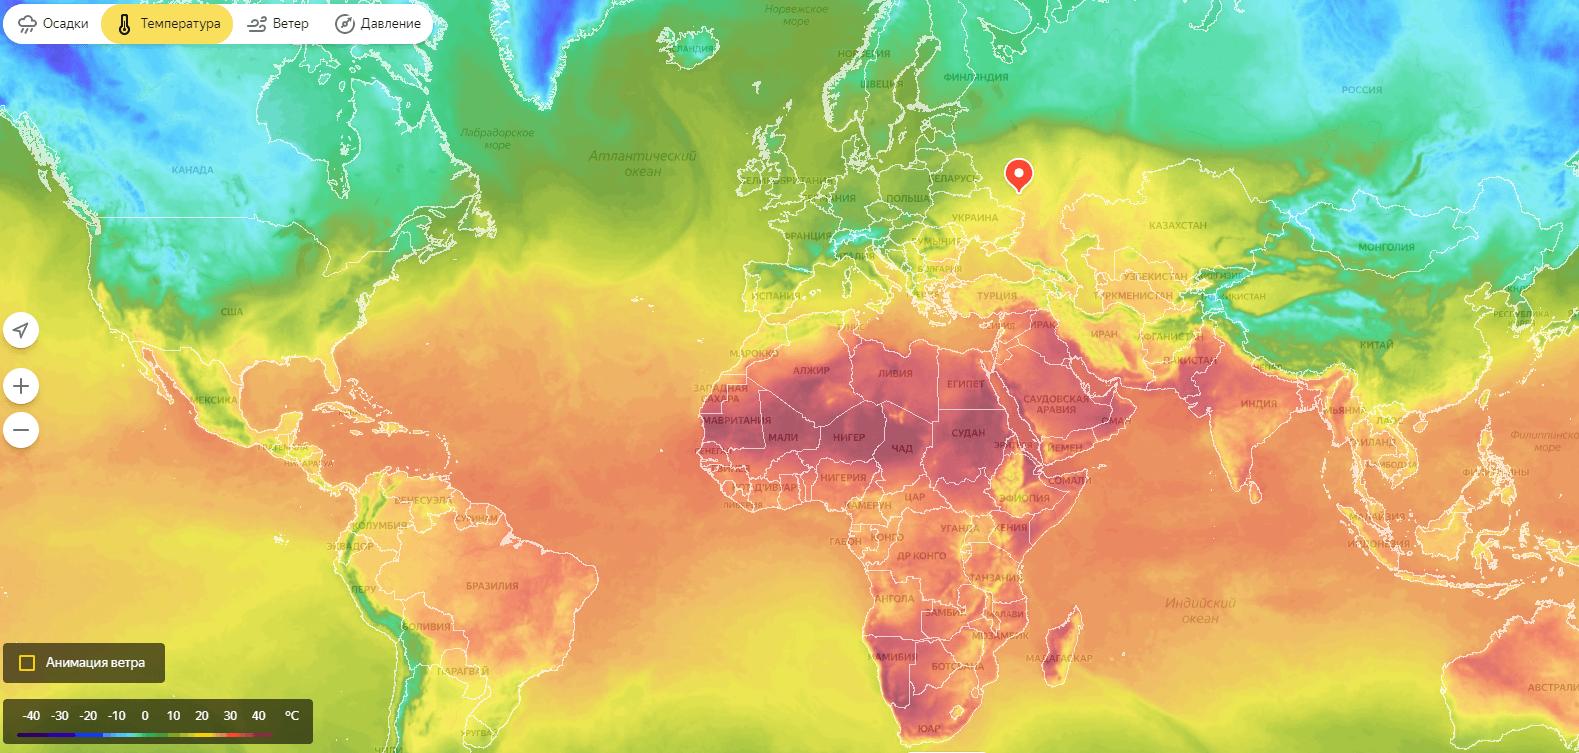 Пример карты температур.